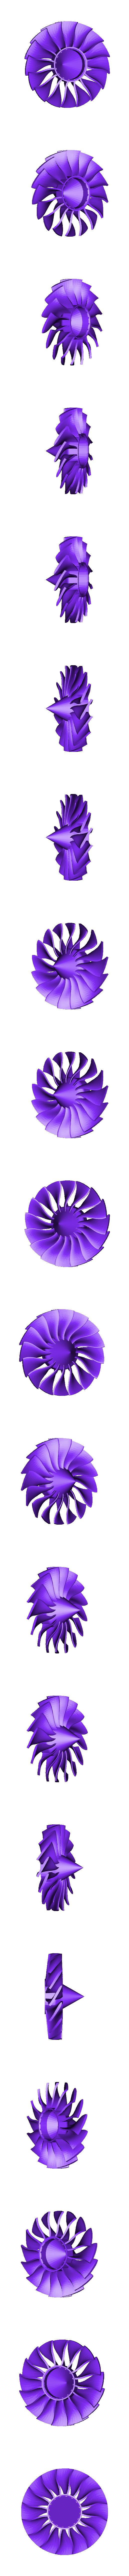 Fan.STL Télécharger fichier STL gratuit Airbus A350 XWB Lufthansa Airliner Sacle 1/100 • Design pour imprimante 3D, BeneHill